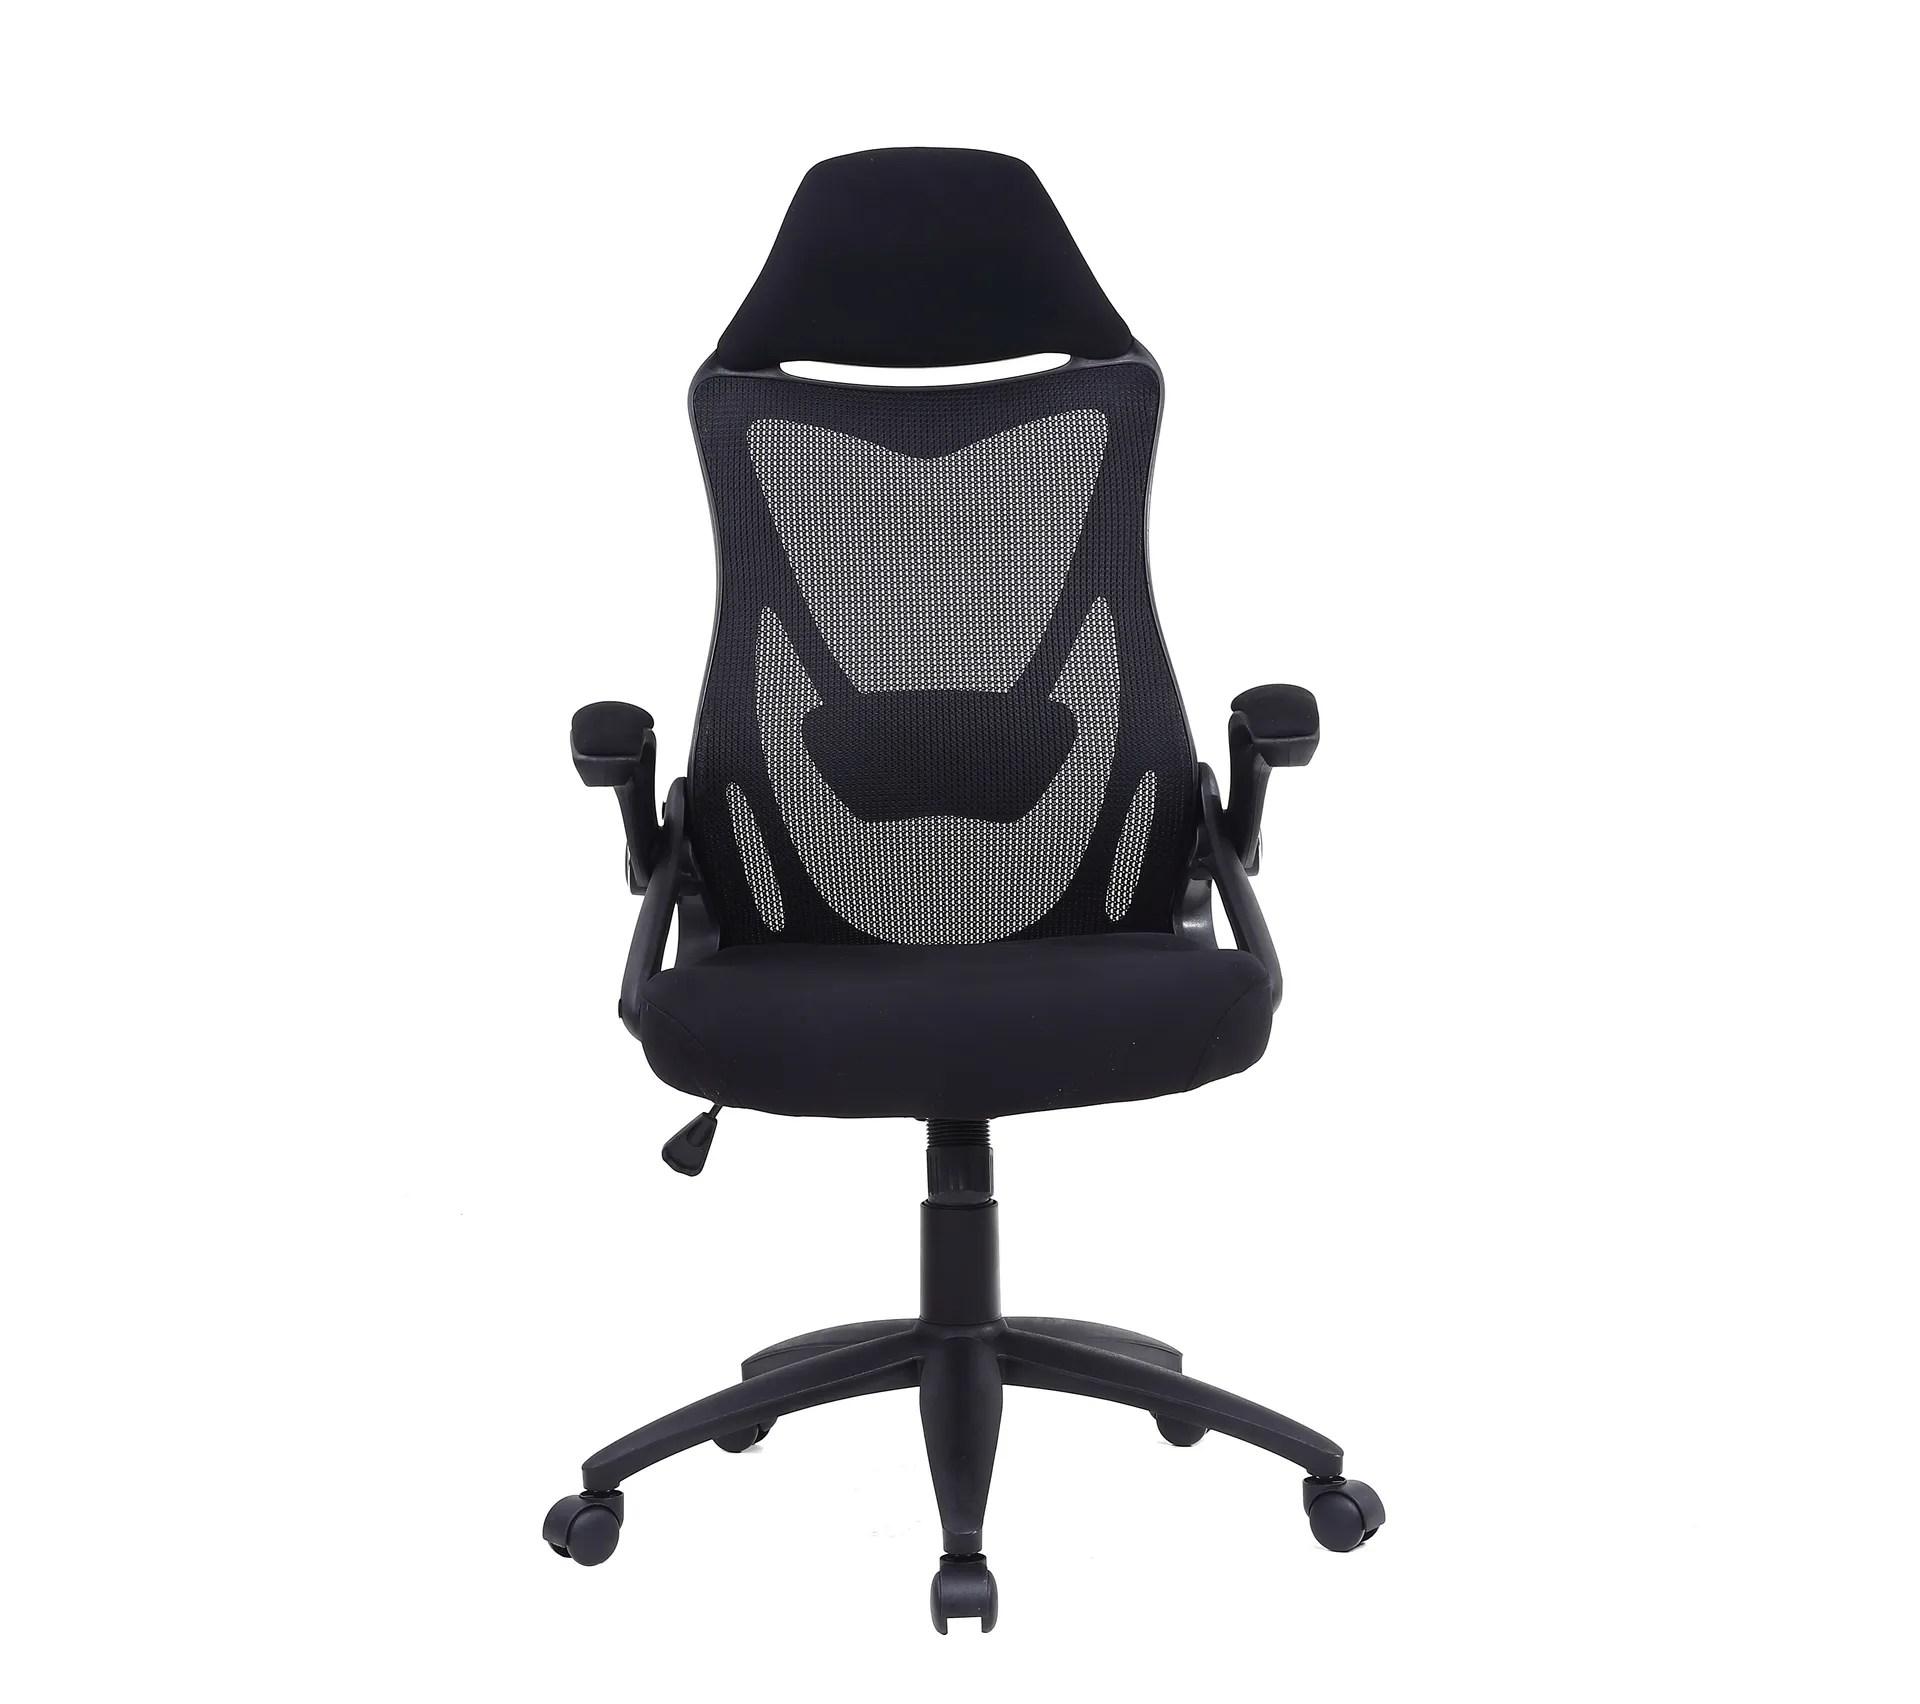 fauteuil de bureau soft noir